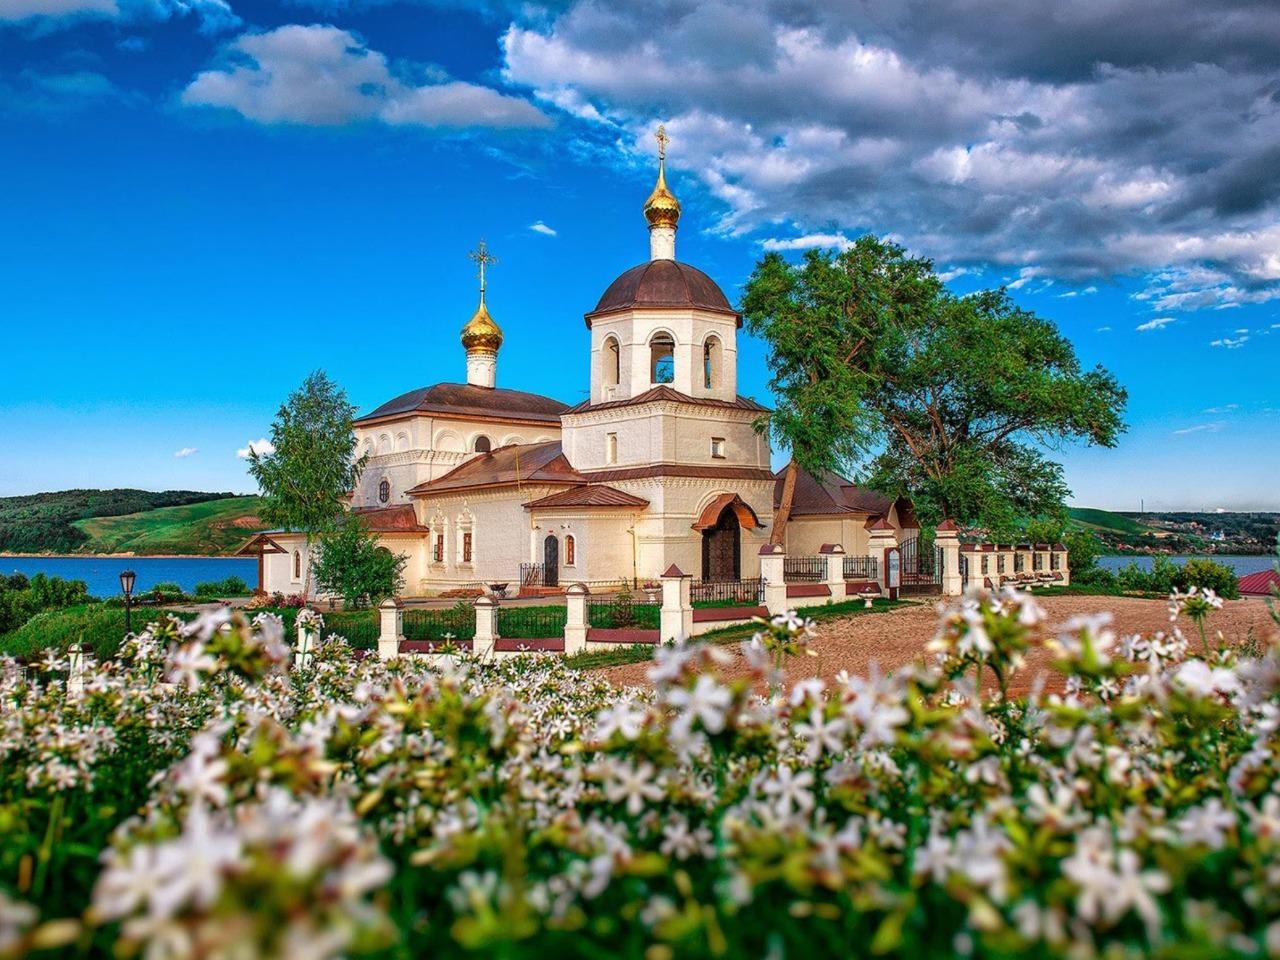 Свияжск + Раифский монастырь + Храм всех религий - групповая экскурсия в Казани от опытного гида